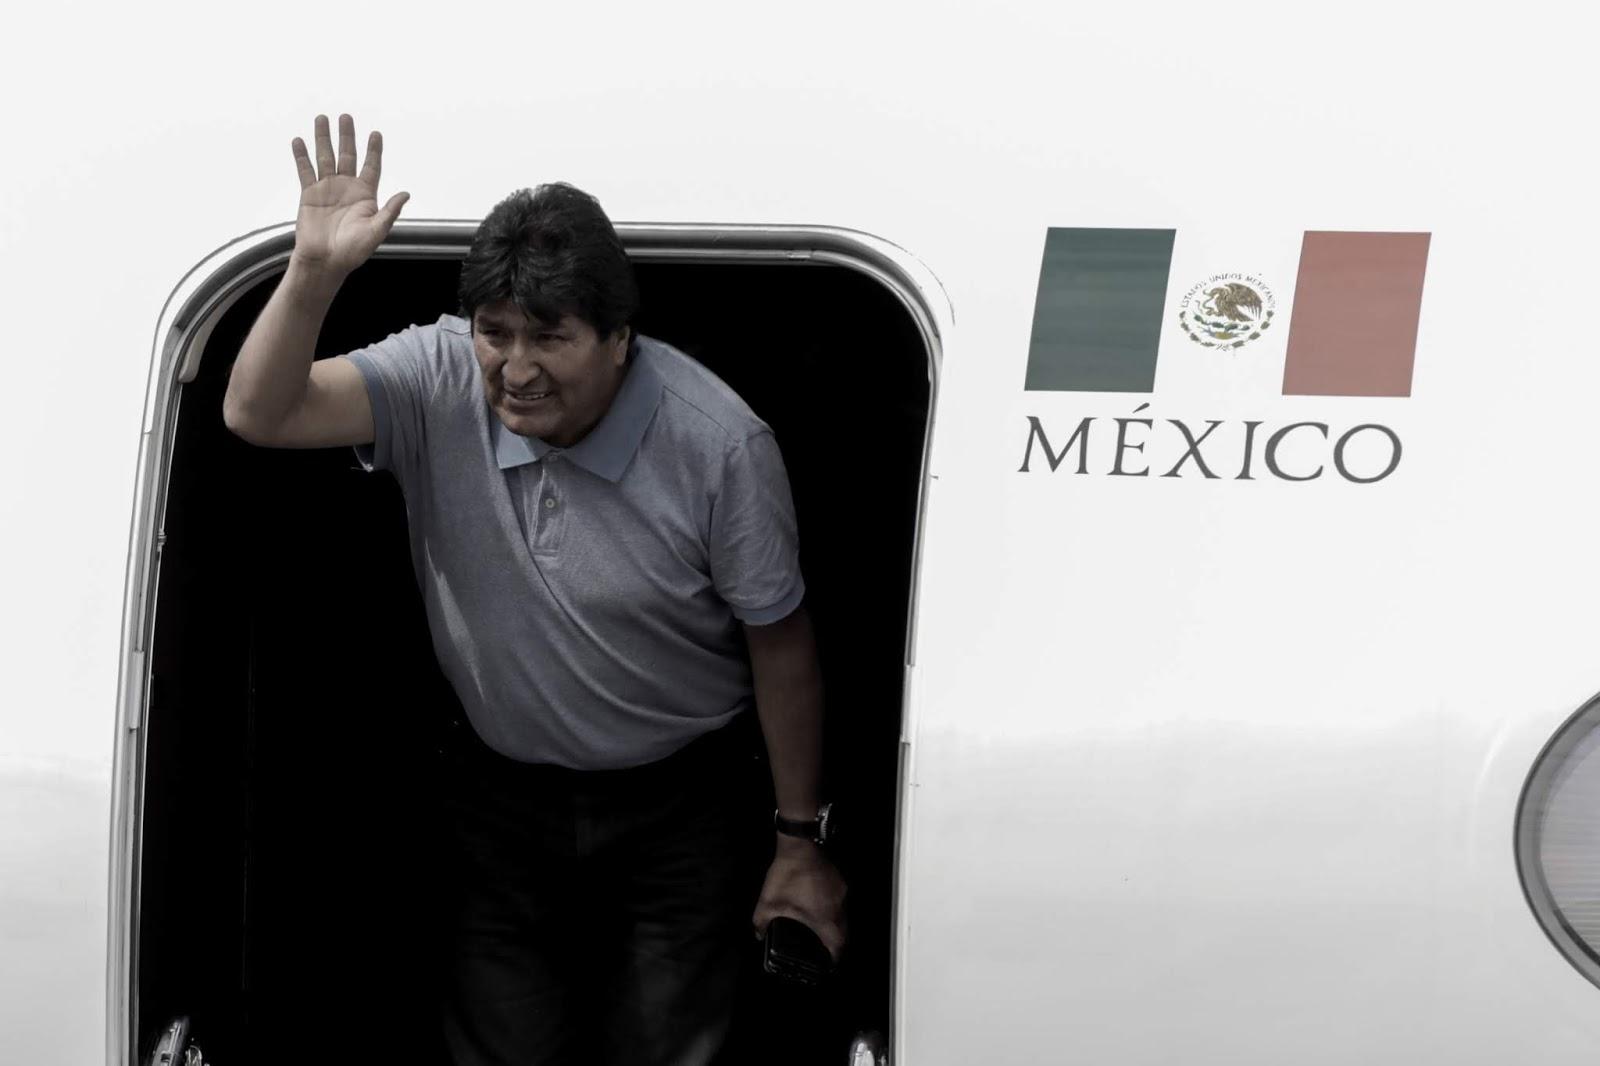 Desde su arribo a México, como asilado de AMLO, Morales insiste en victimizarse ante el mundo / REUTERS